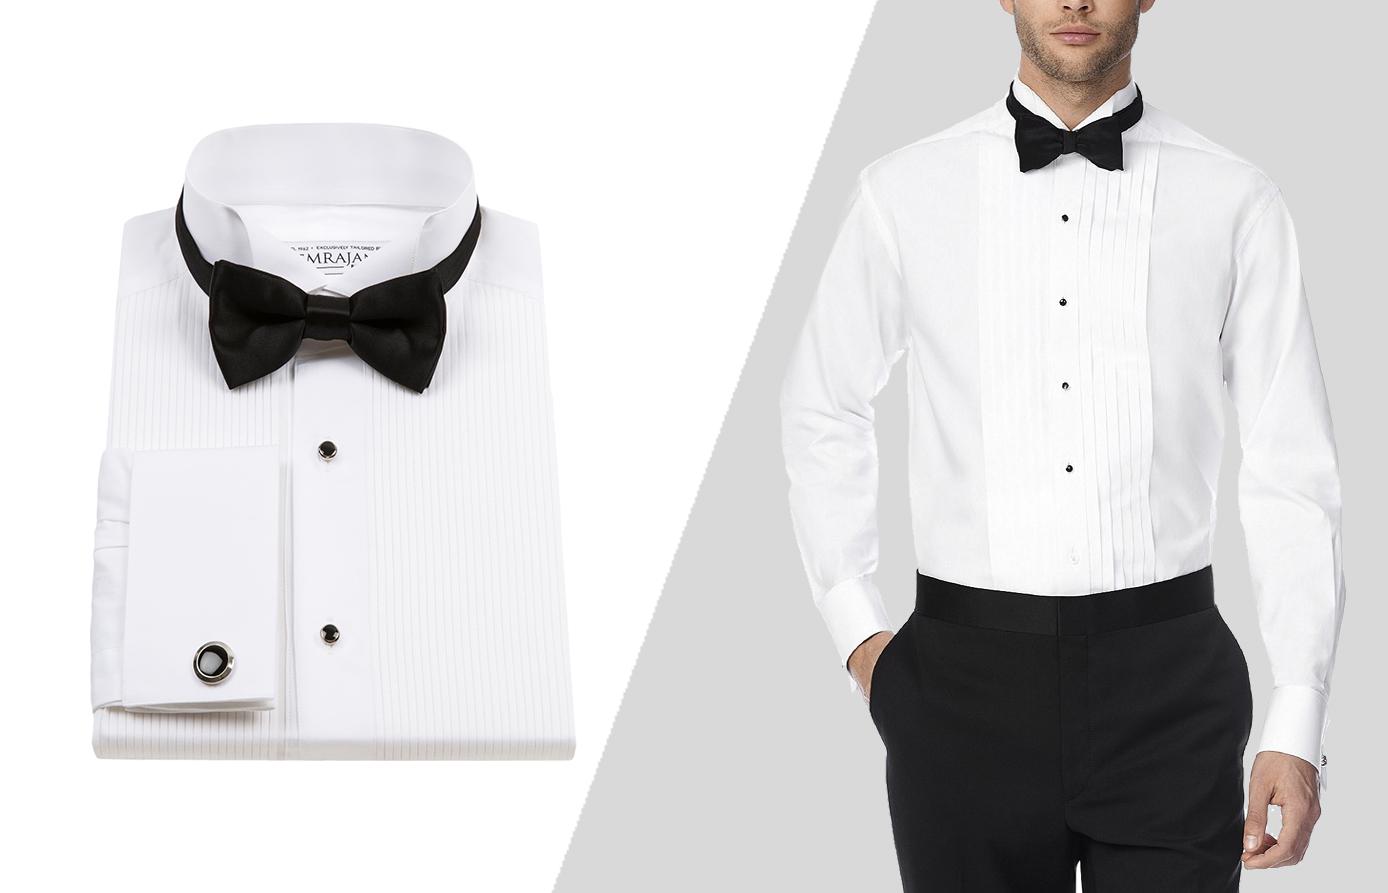 how to wear a tuxedo shirt